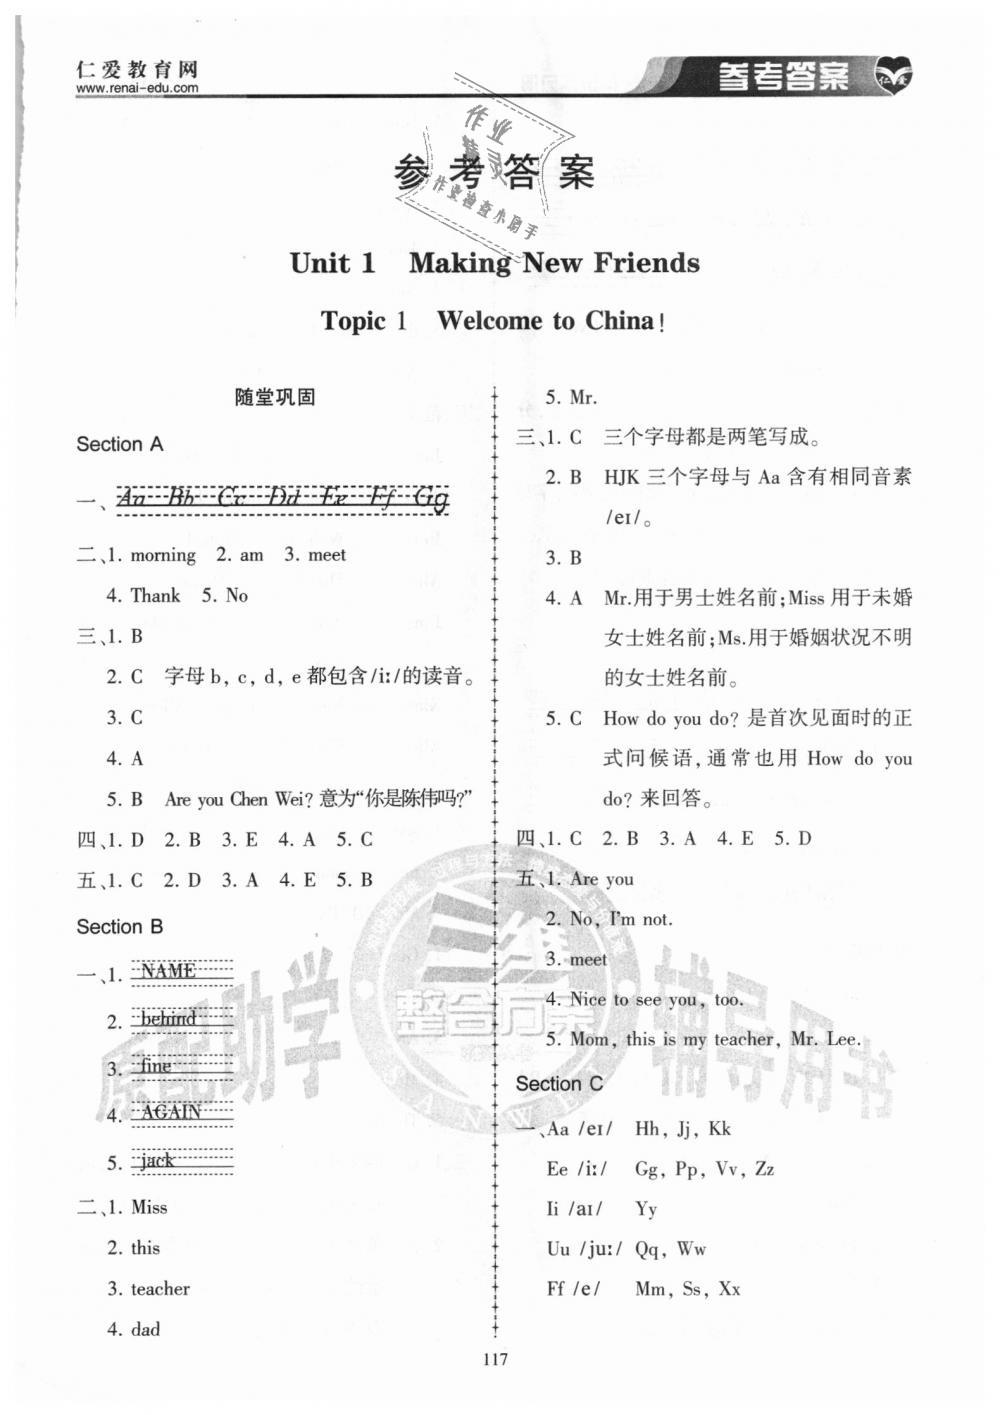 2018年仁爱英语同步练习册七年级上册第1页